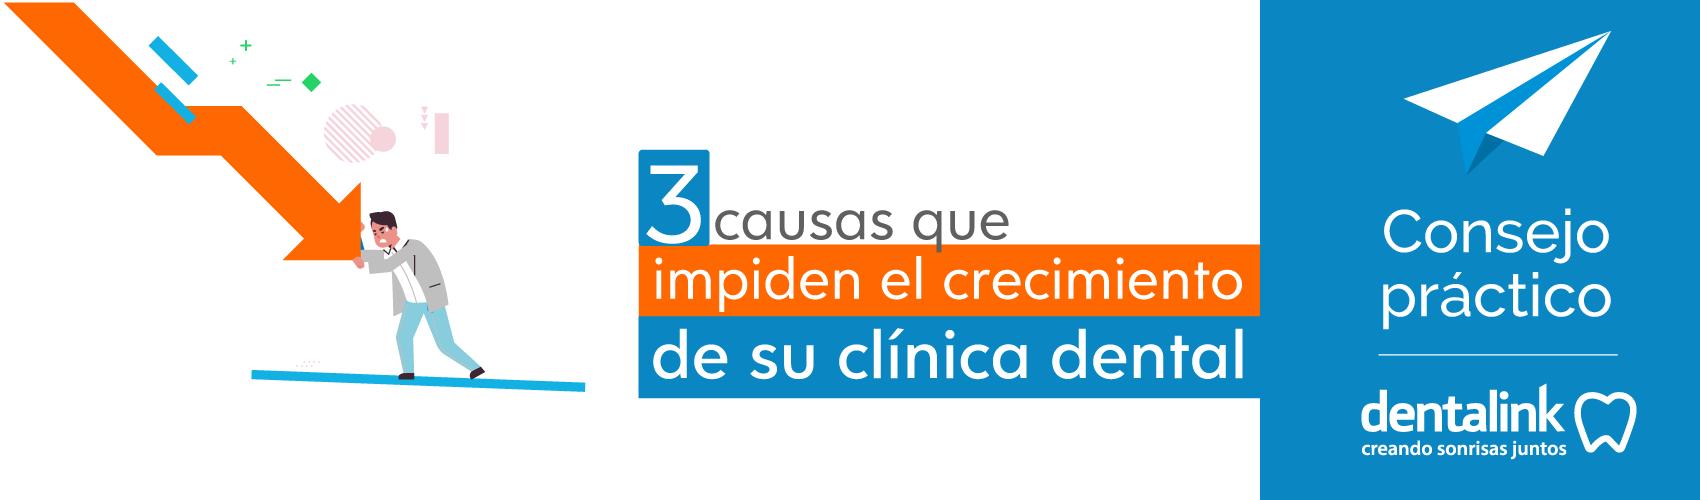 3 Causas que impiden el crecimiento de su clínica dental